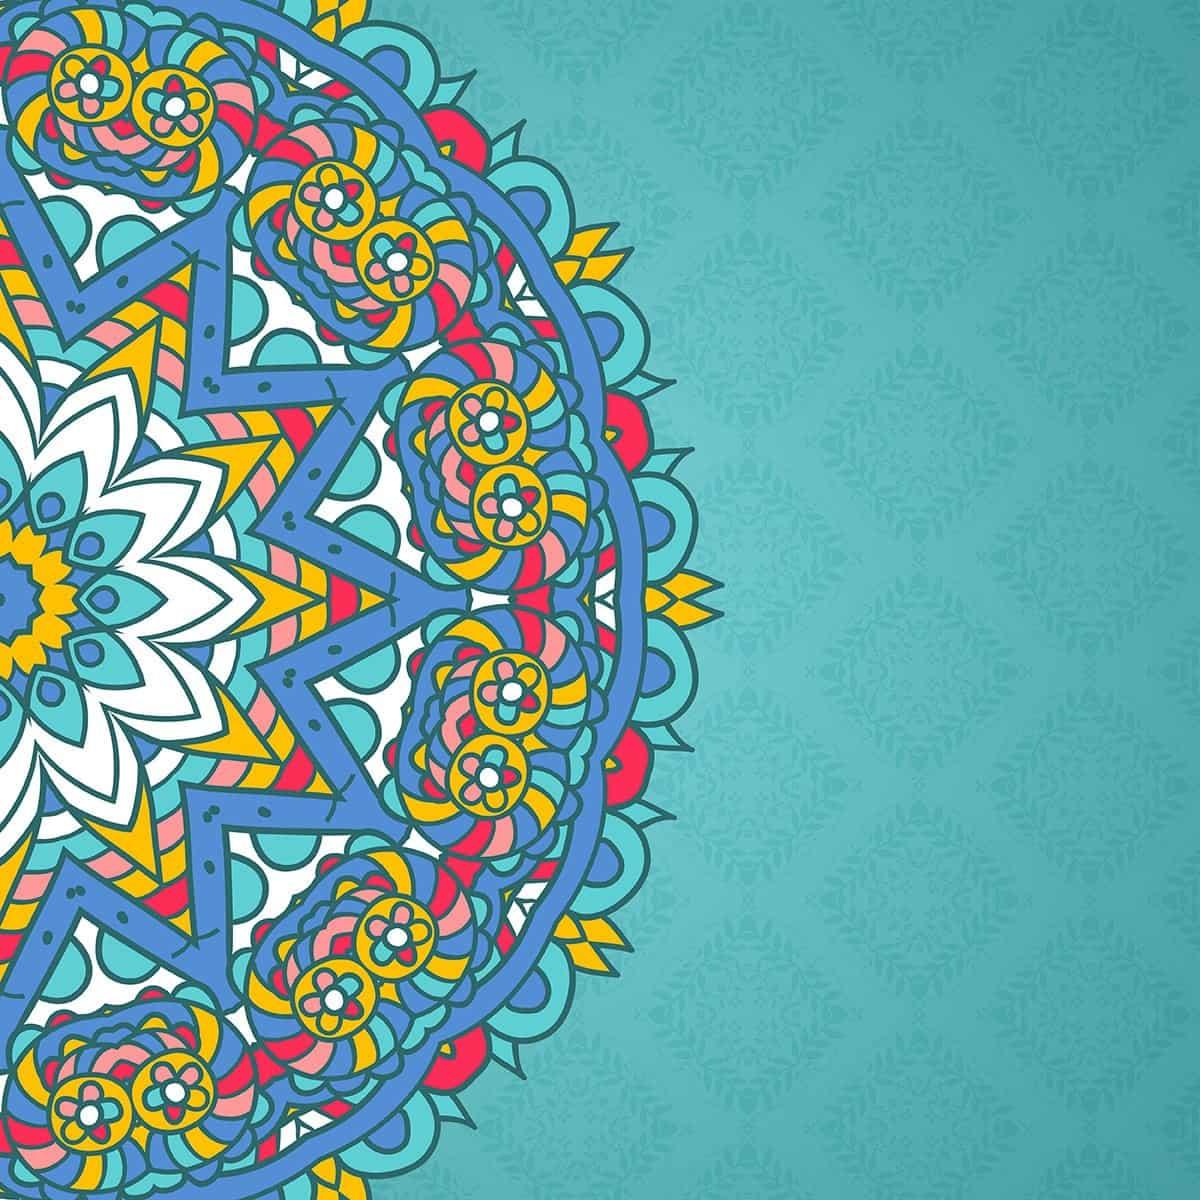 Decorative mandala styled background